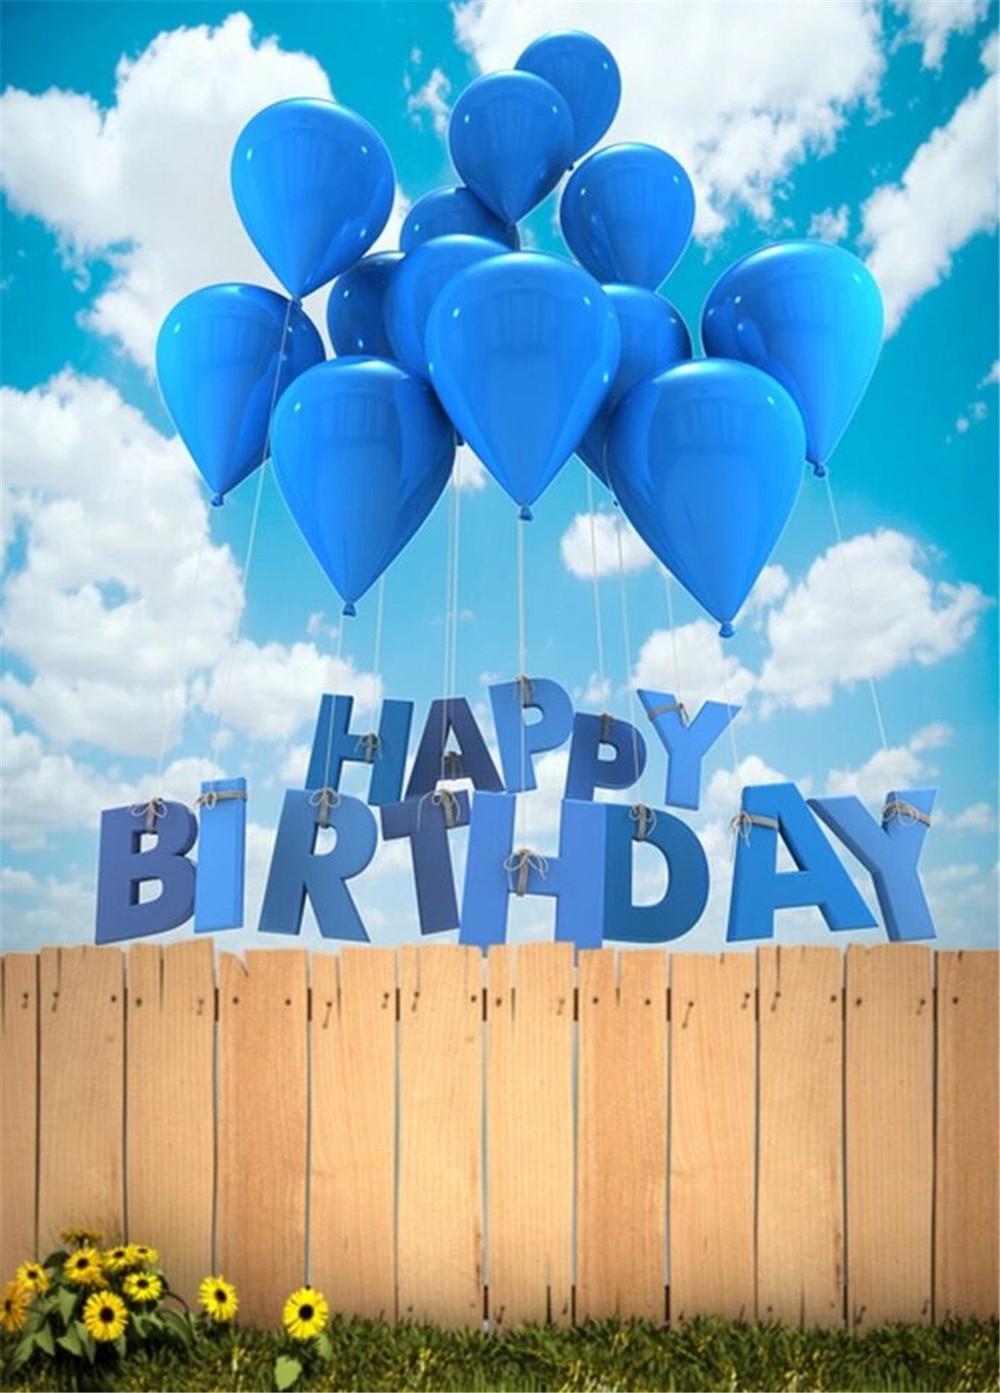 happy birthday background blue